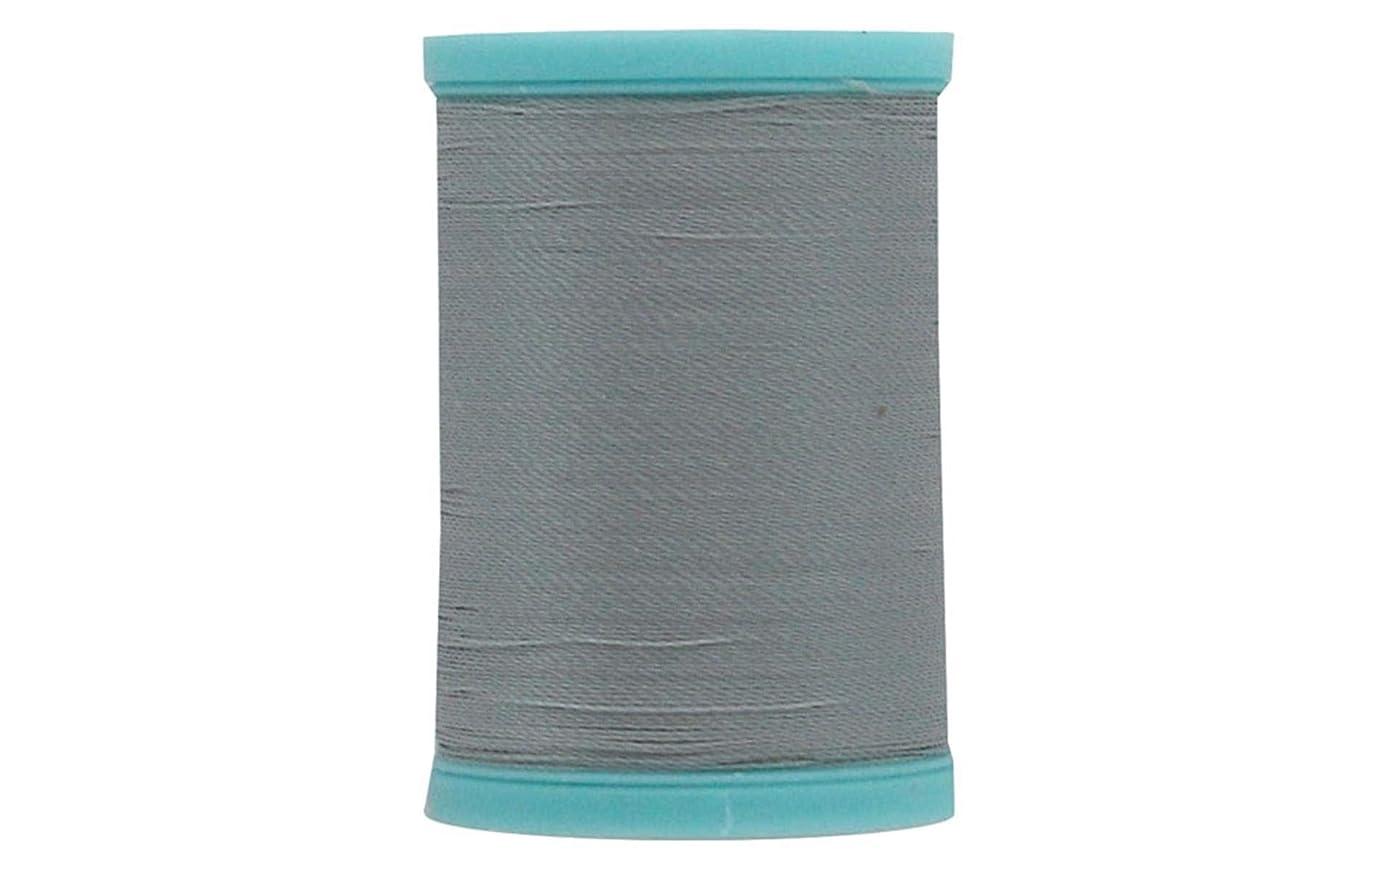 Coats Eloflex Stretch Thread 225yd-nugrey